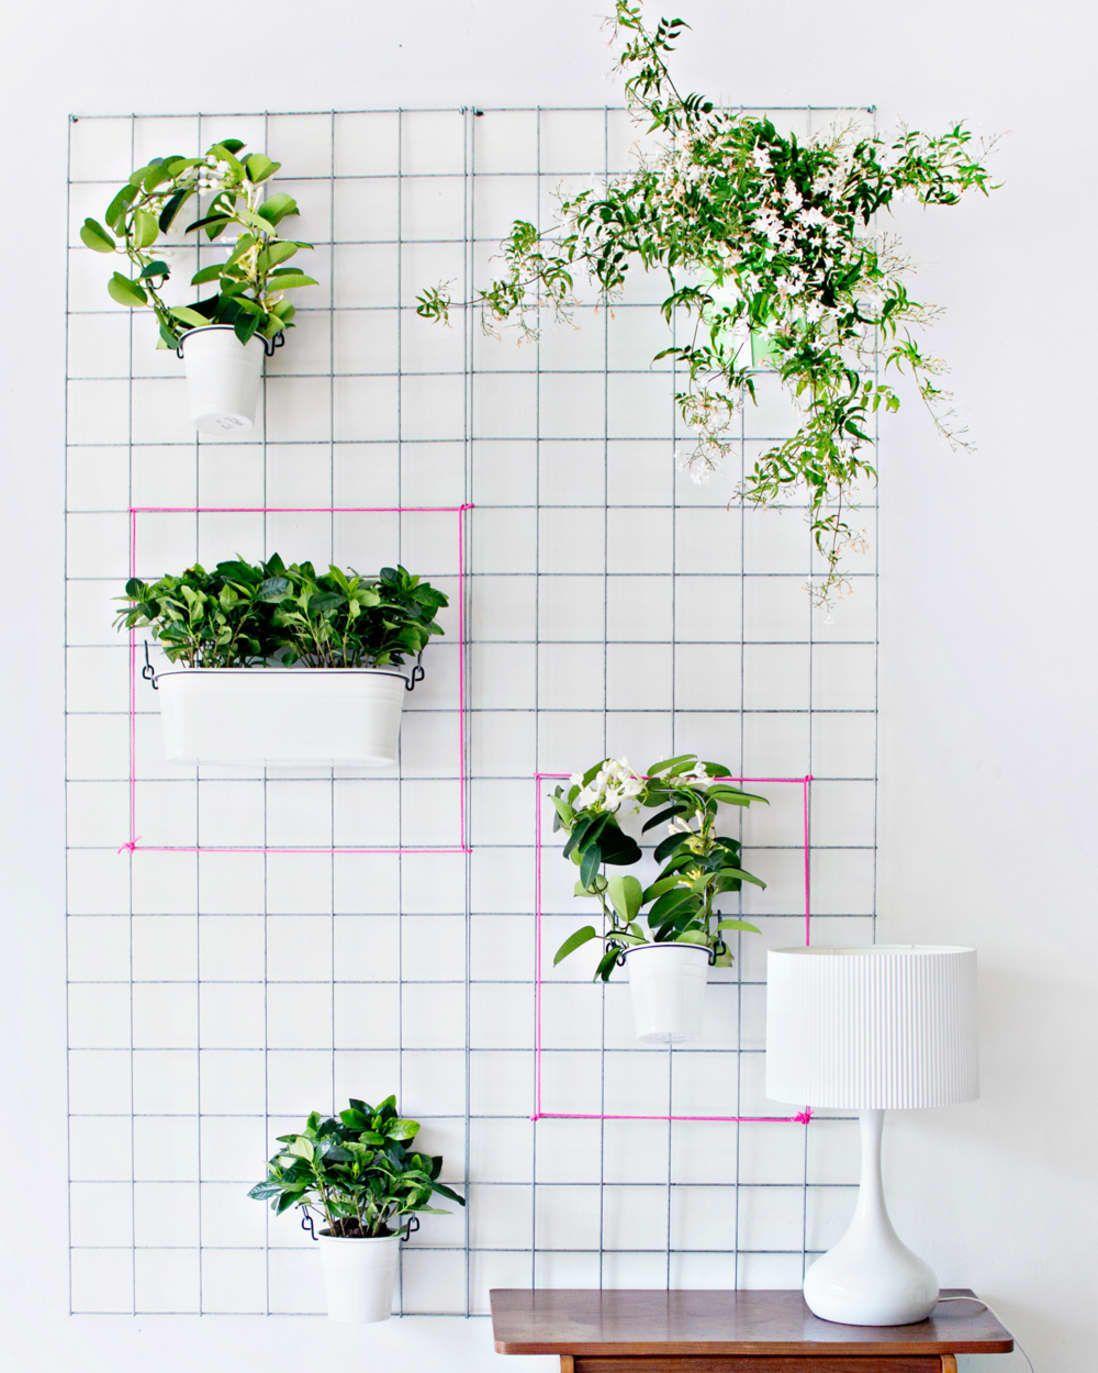 The Best Indoor Garden Ideas For Bringing The Great Outdoors Inside Diy Wall Planter Indoor Garden Apartment Indoor Garden